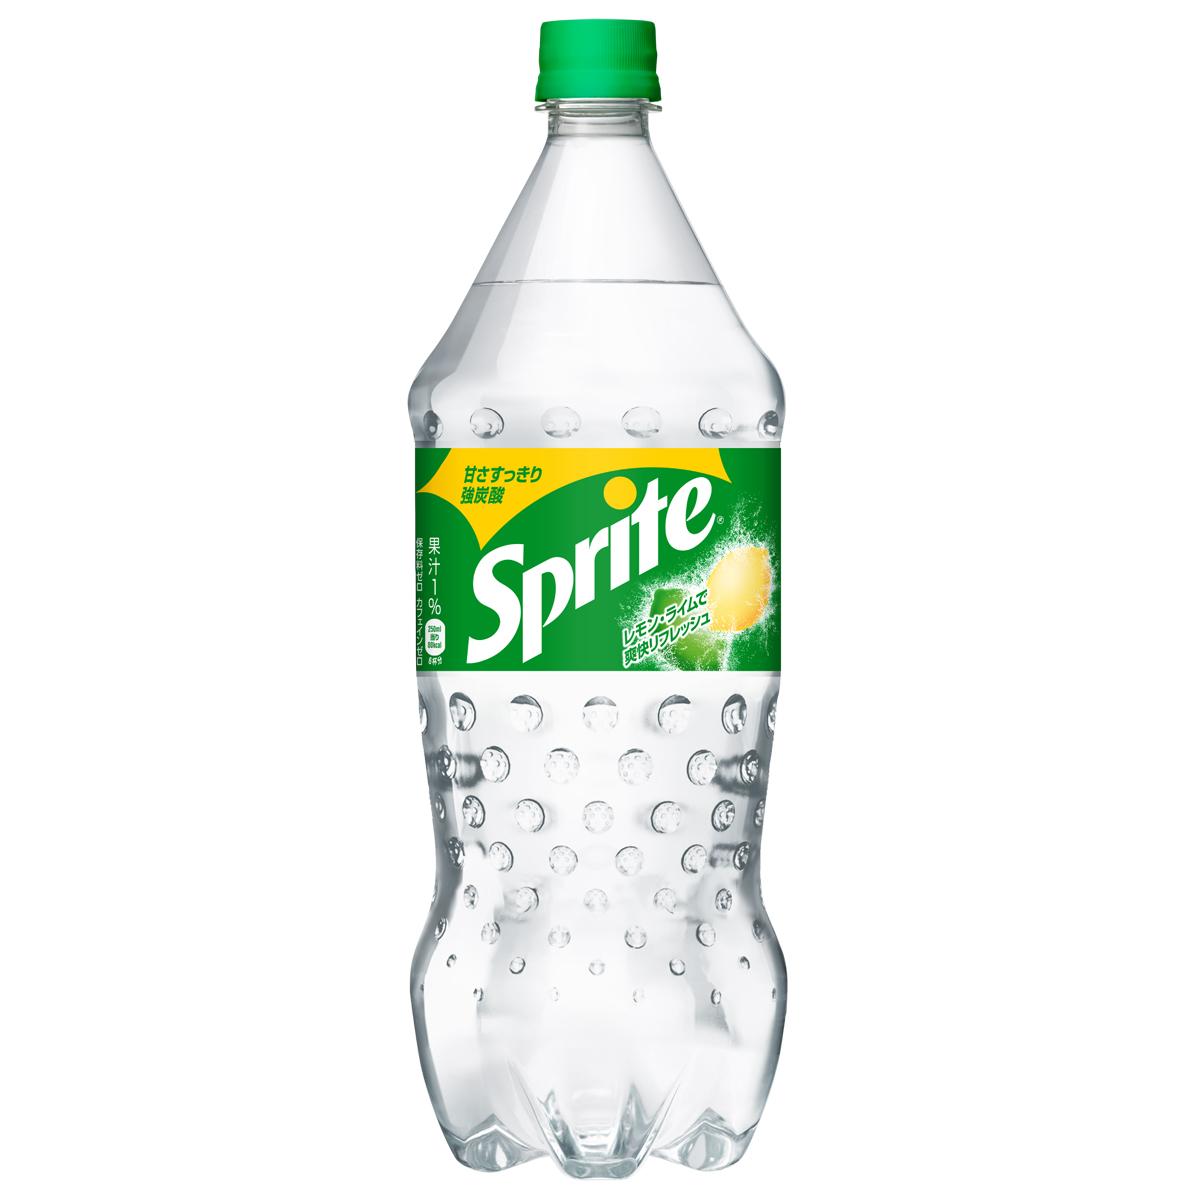 【2ケース】コカ・コーラ スプライト PET 1500mL 1.5L ペットボトル 飲料 飲み物 炭酸飲料 ソフトドリンク 8本×2ケース 16本 買い回り 買い周り 買いまわり ポイント消化